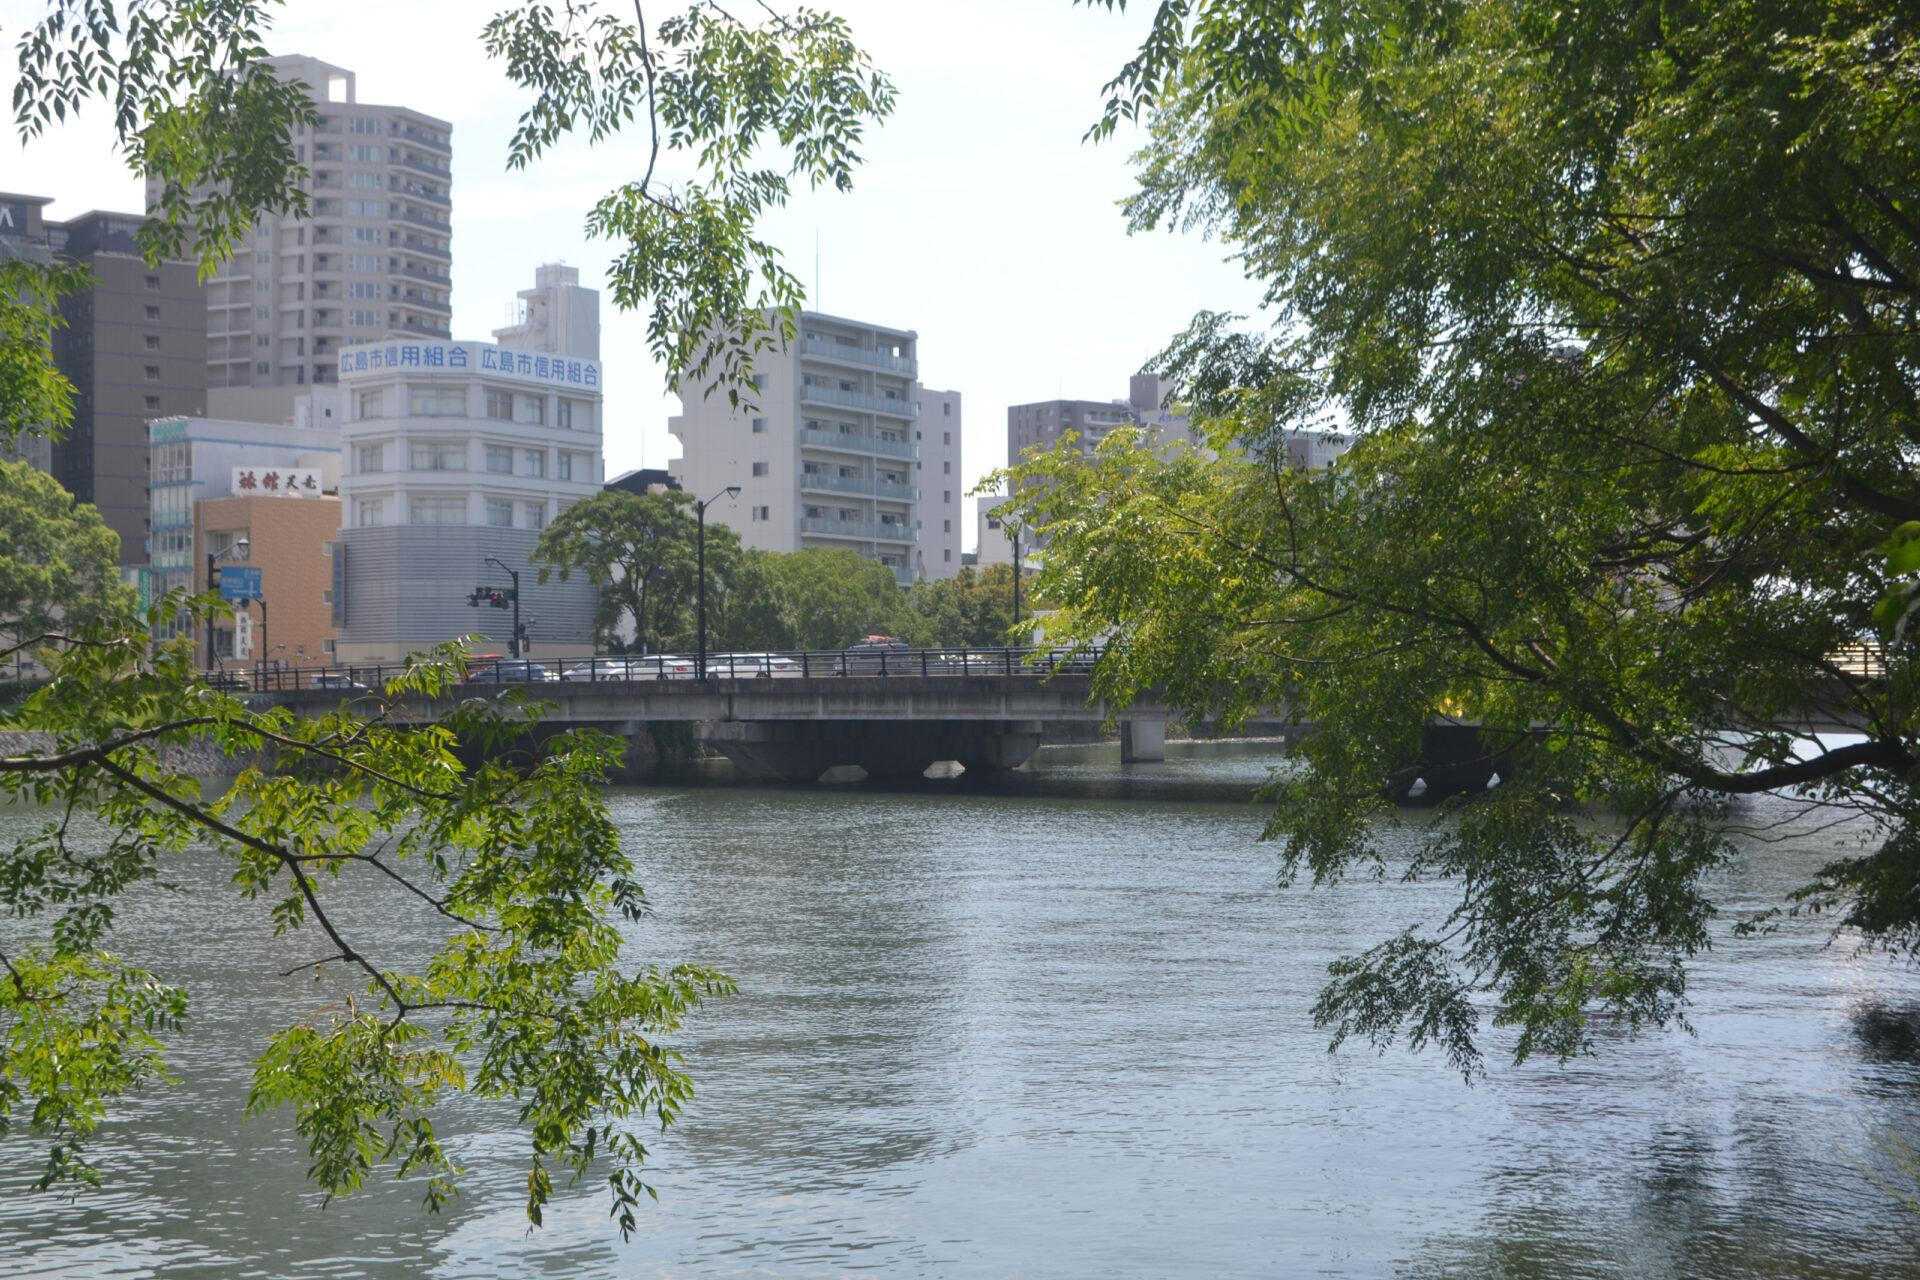 Префектура Ямагучи, Ивакуни